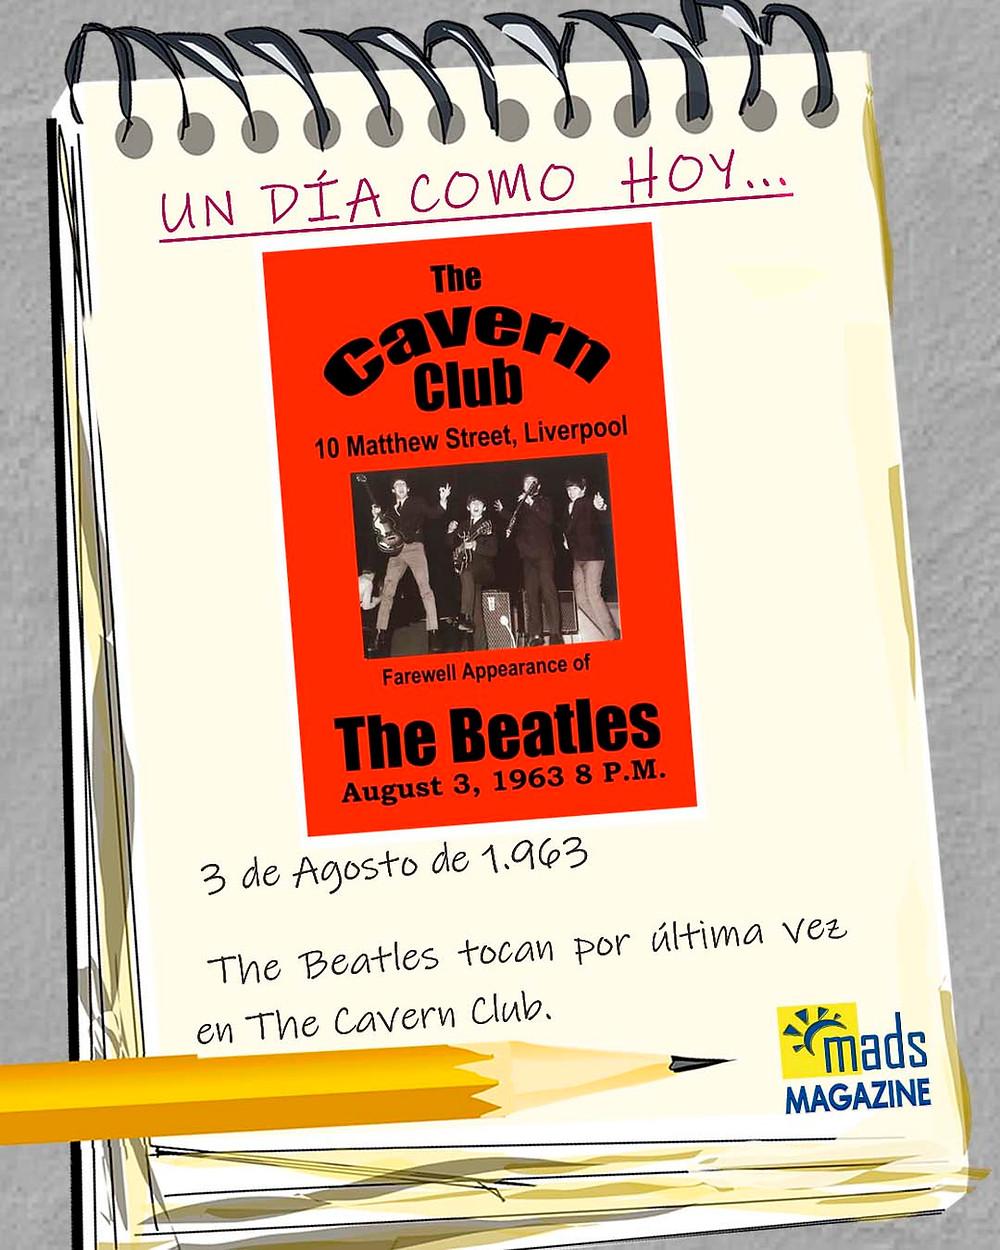 El 3 de agosto de 1963 los Beatles tocaron por última vez en The Cavern Club